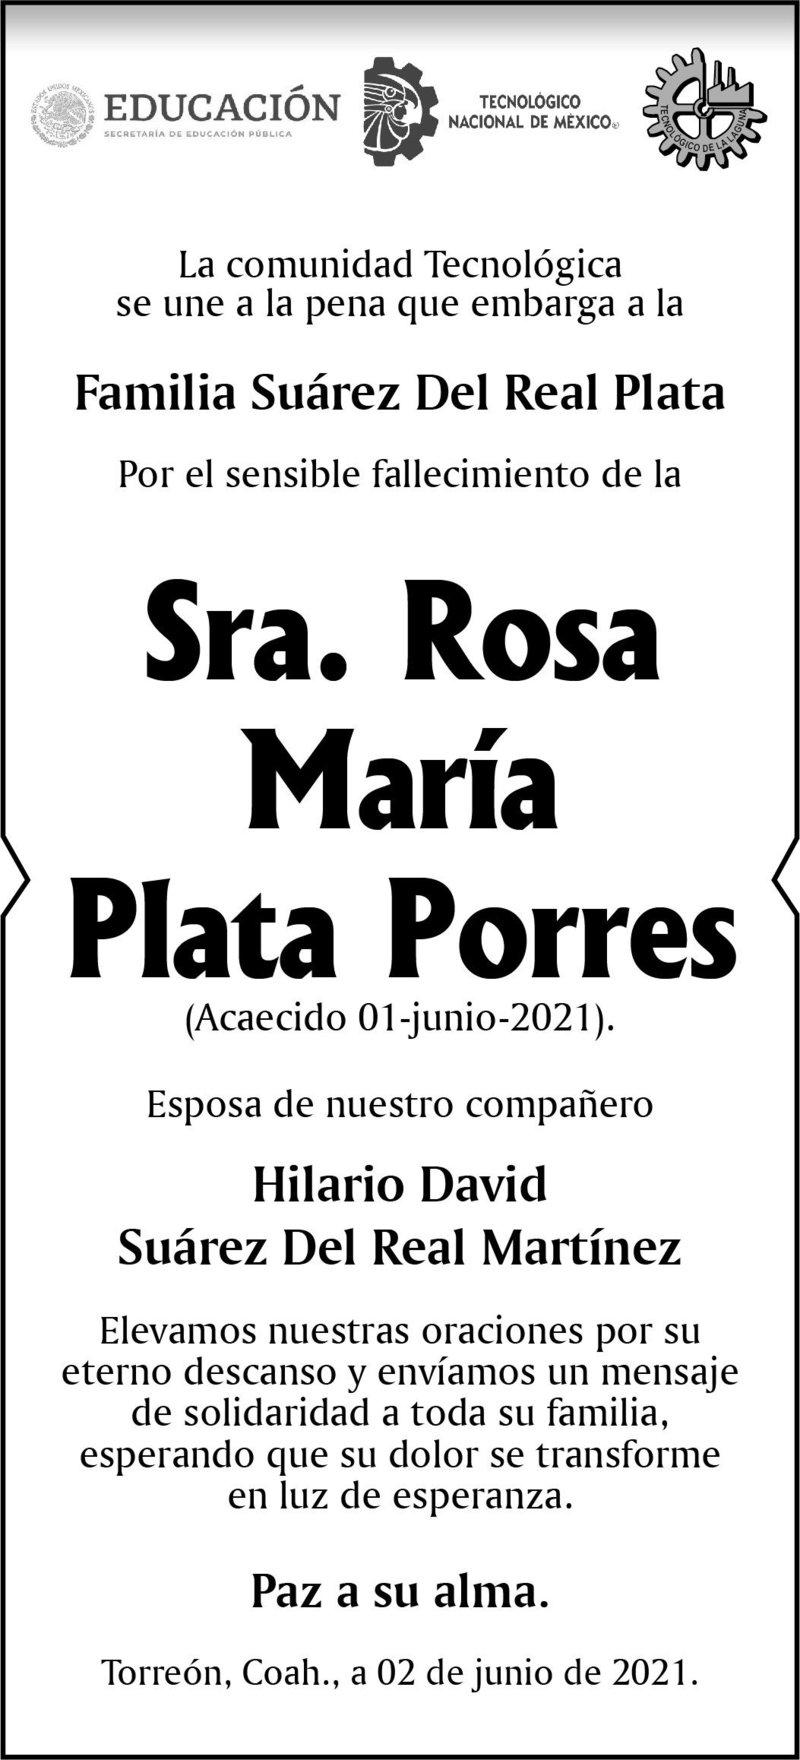 CONDOLENCIA: SRA. ROSA MARÍA PLATA PORRES. La comunidad tecnológica se une a la pena que embarga a la Familia Suárez Del Real Plata por la pérdida de la Sra. Rosa María Plata Porres. Descanse en paz.